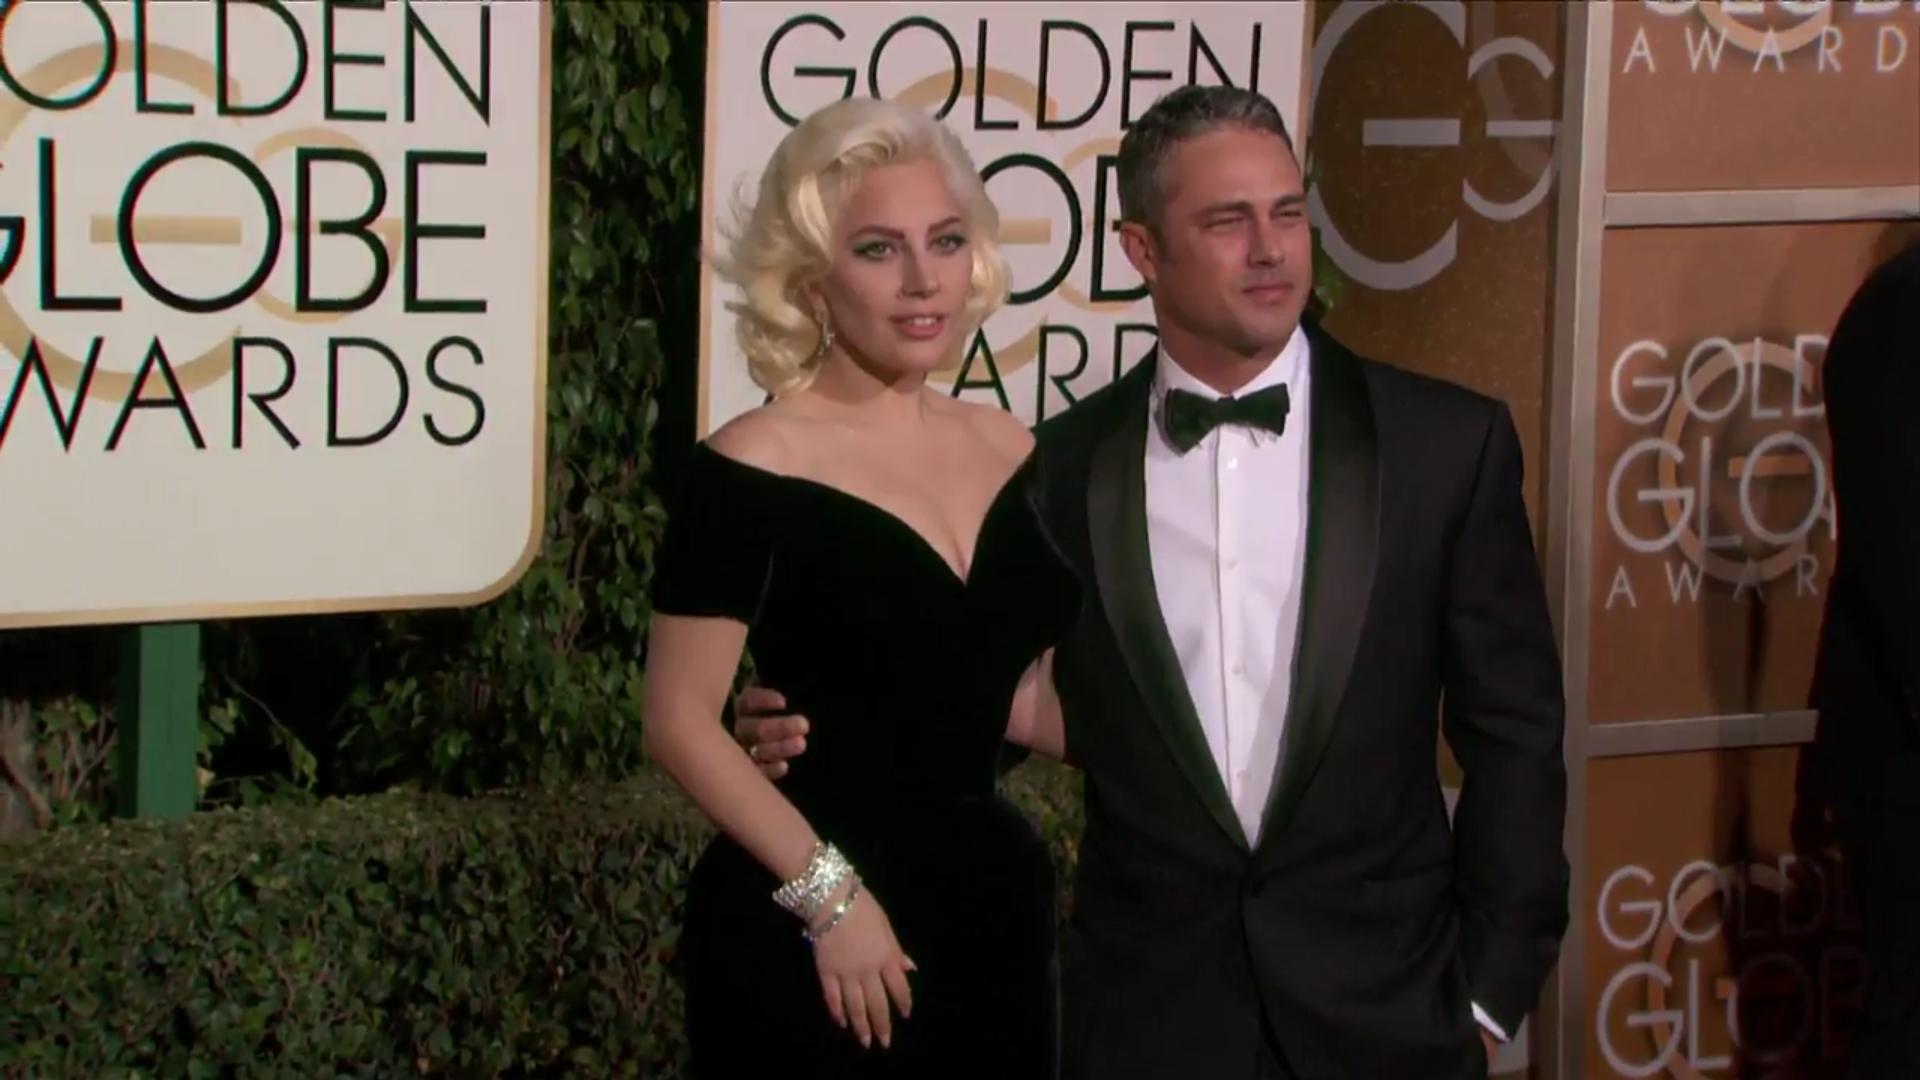 Elegante Lady Gaga con Taylor Kinney en la alfombra roja